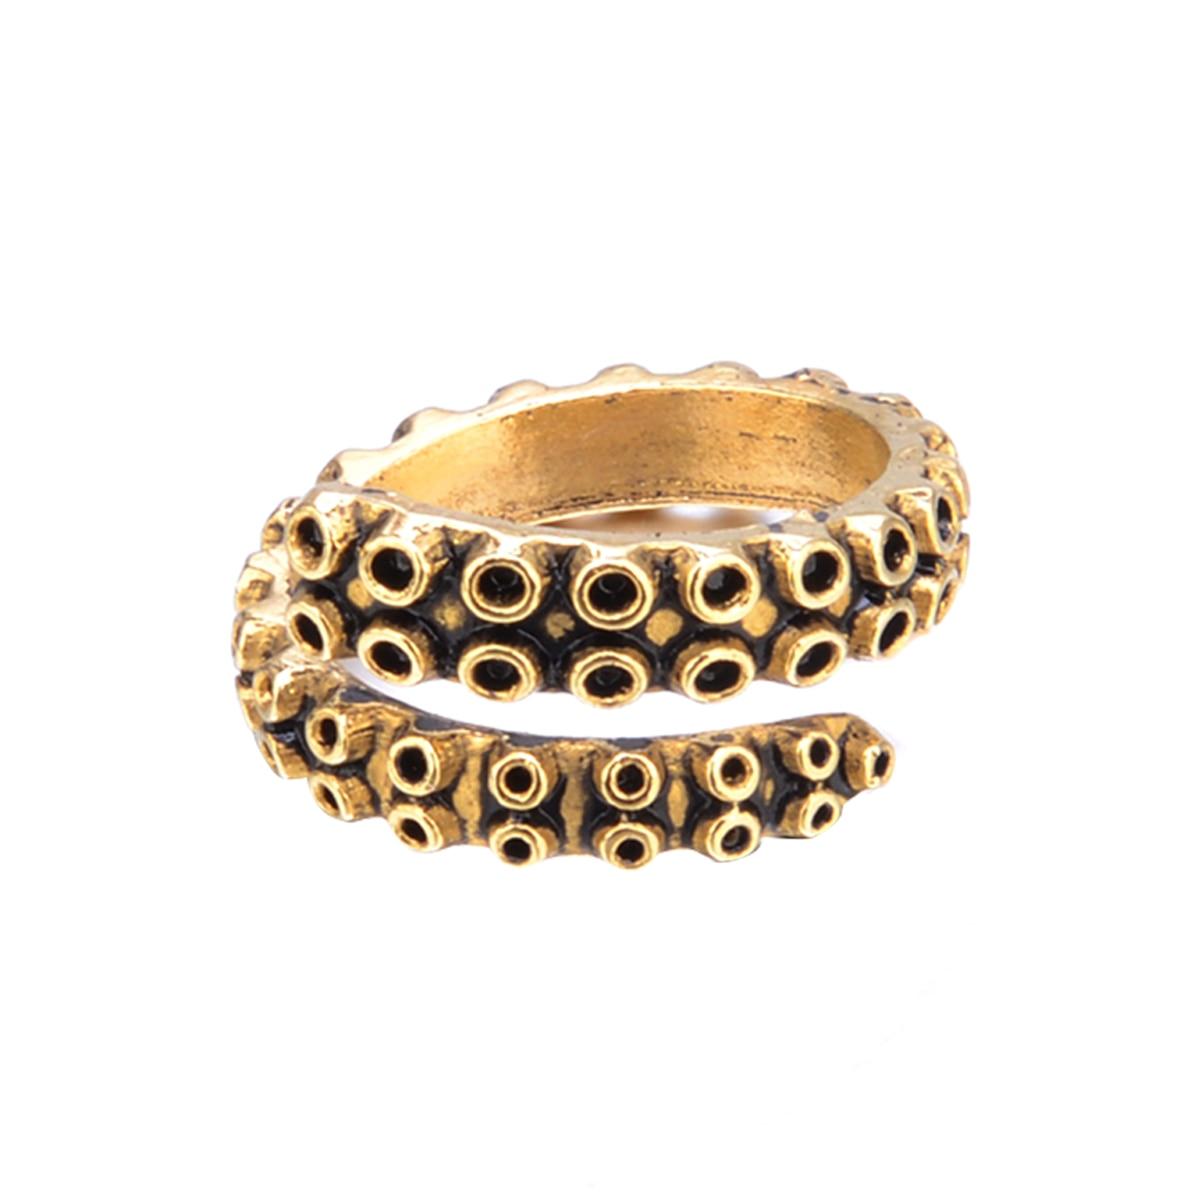 Anillos de pulpo de oro para mujer, anillo de tamaño ajustable de acero inoxidable Vintage Punk para hombre, anillo envolvente tentáculo de calamar, joyería para mujer